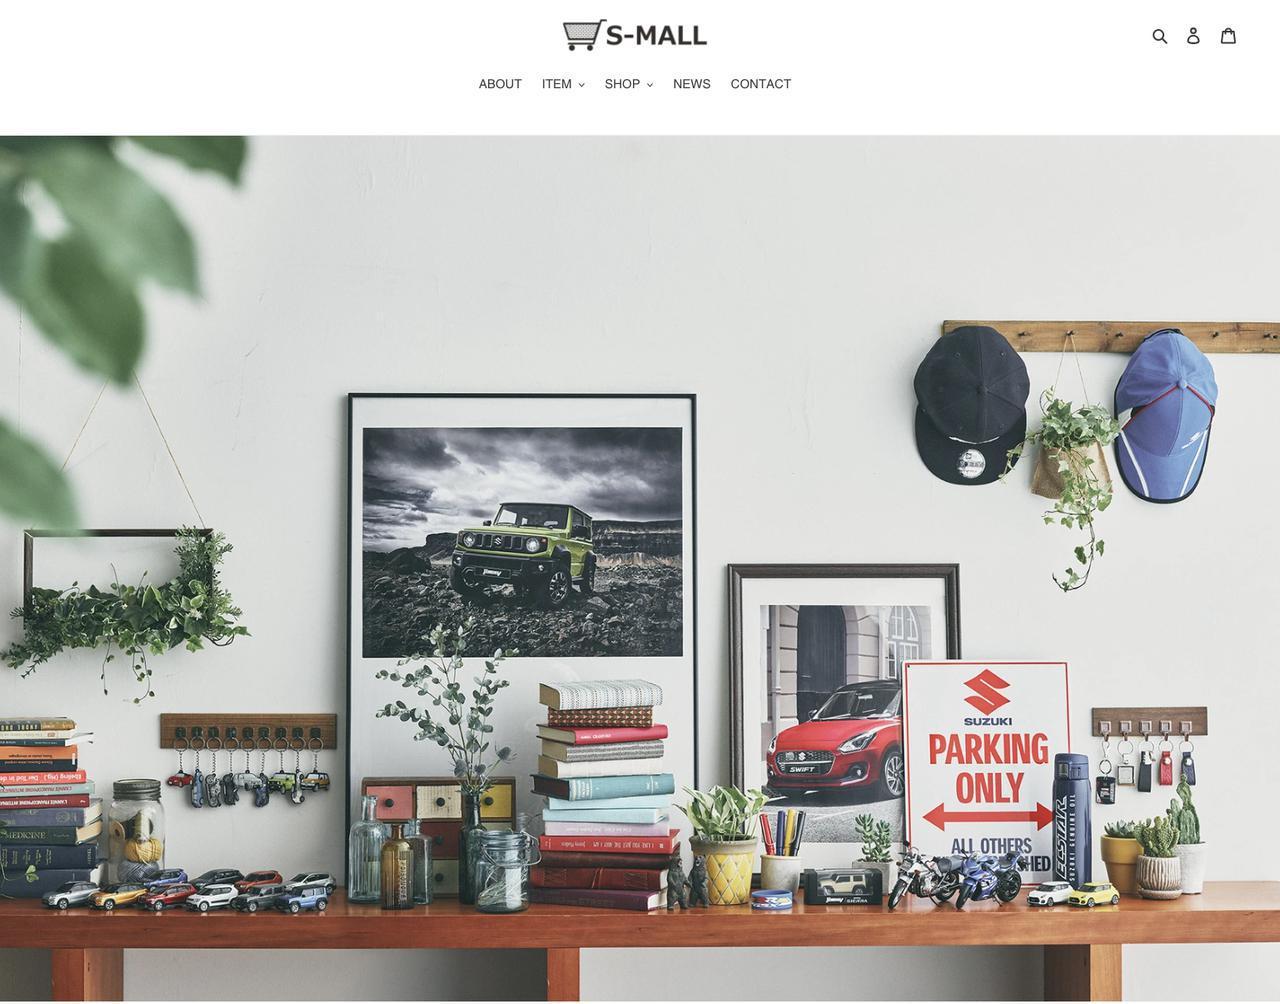 画像1: スズキのネットショッピングサイト「S-MALL」より引用 s-mall.jp